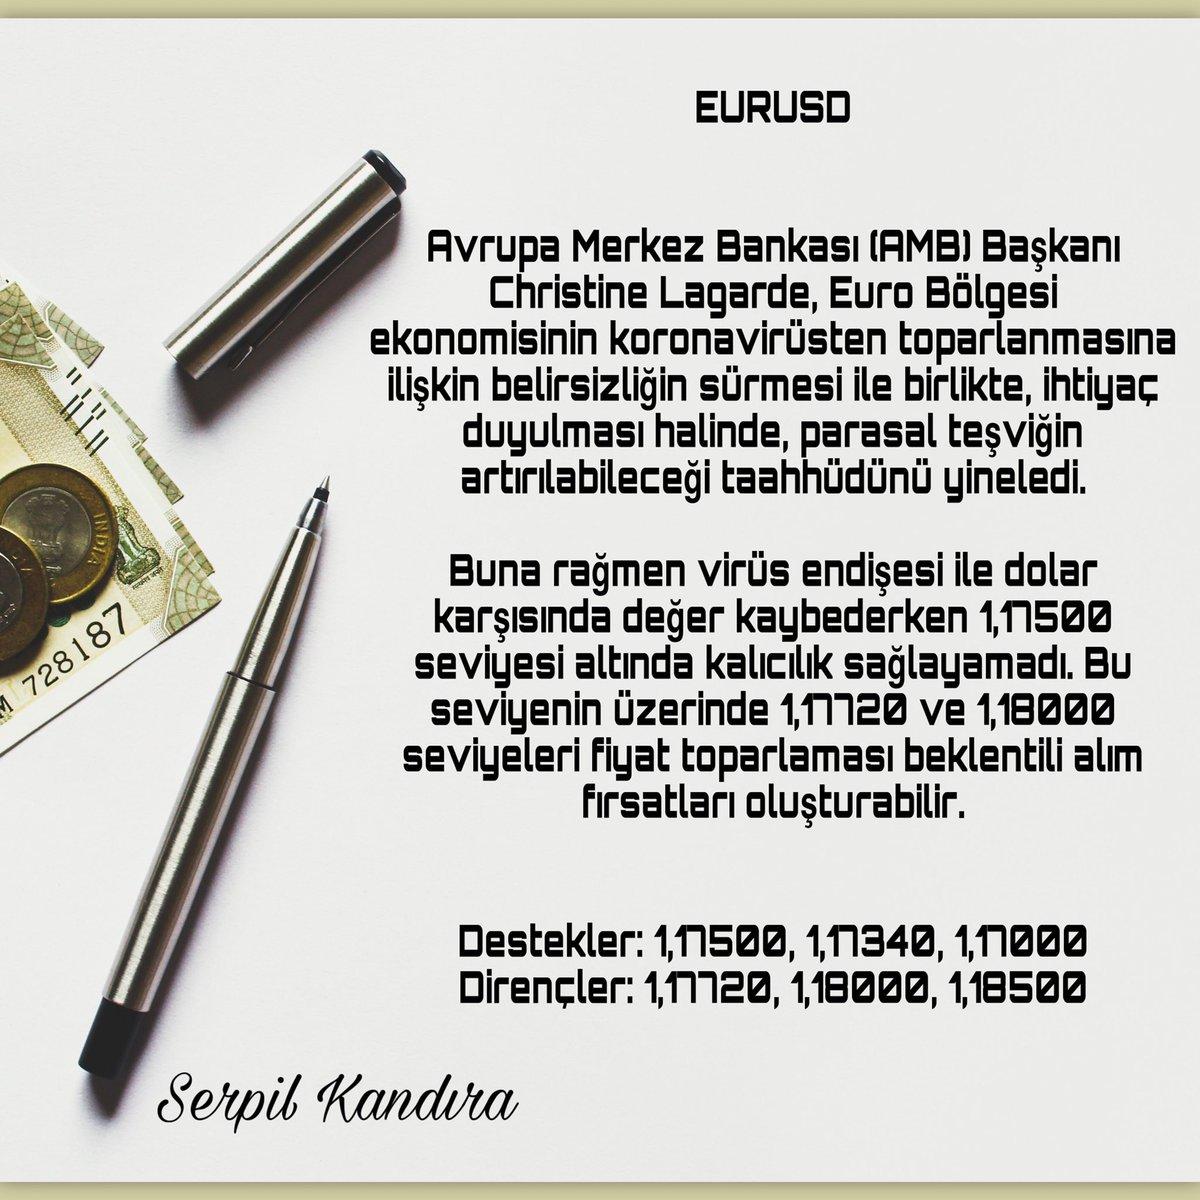 EURUSD  #forex #fx #forextrader #yatırım #borsa #brent #DAX30 #para #bist #altın #gbpusd #parite #rt #fav https://t.co/rYHVL7ZCmF